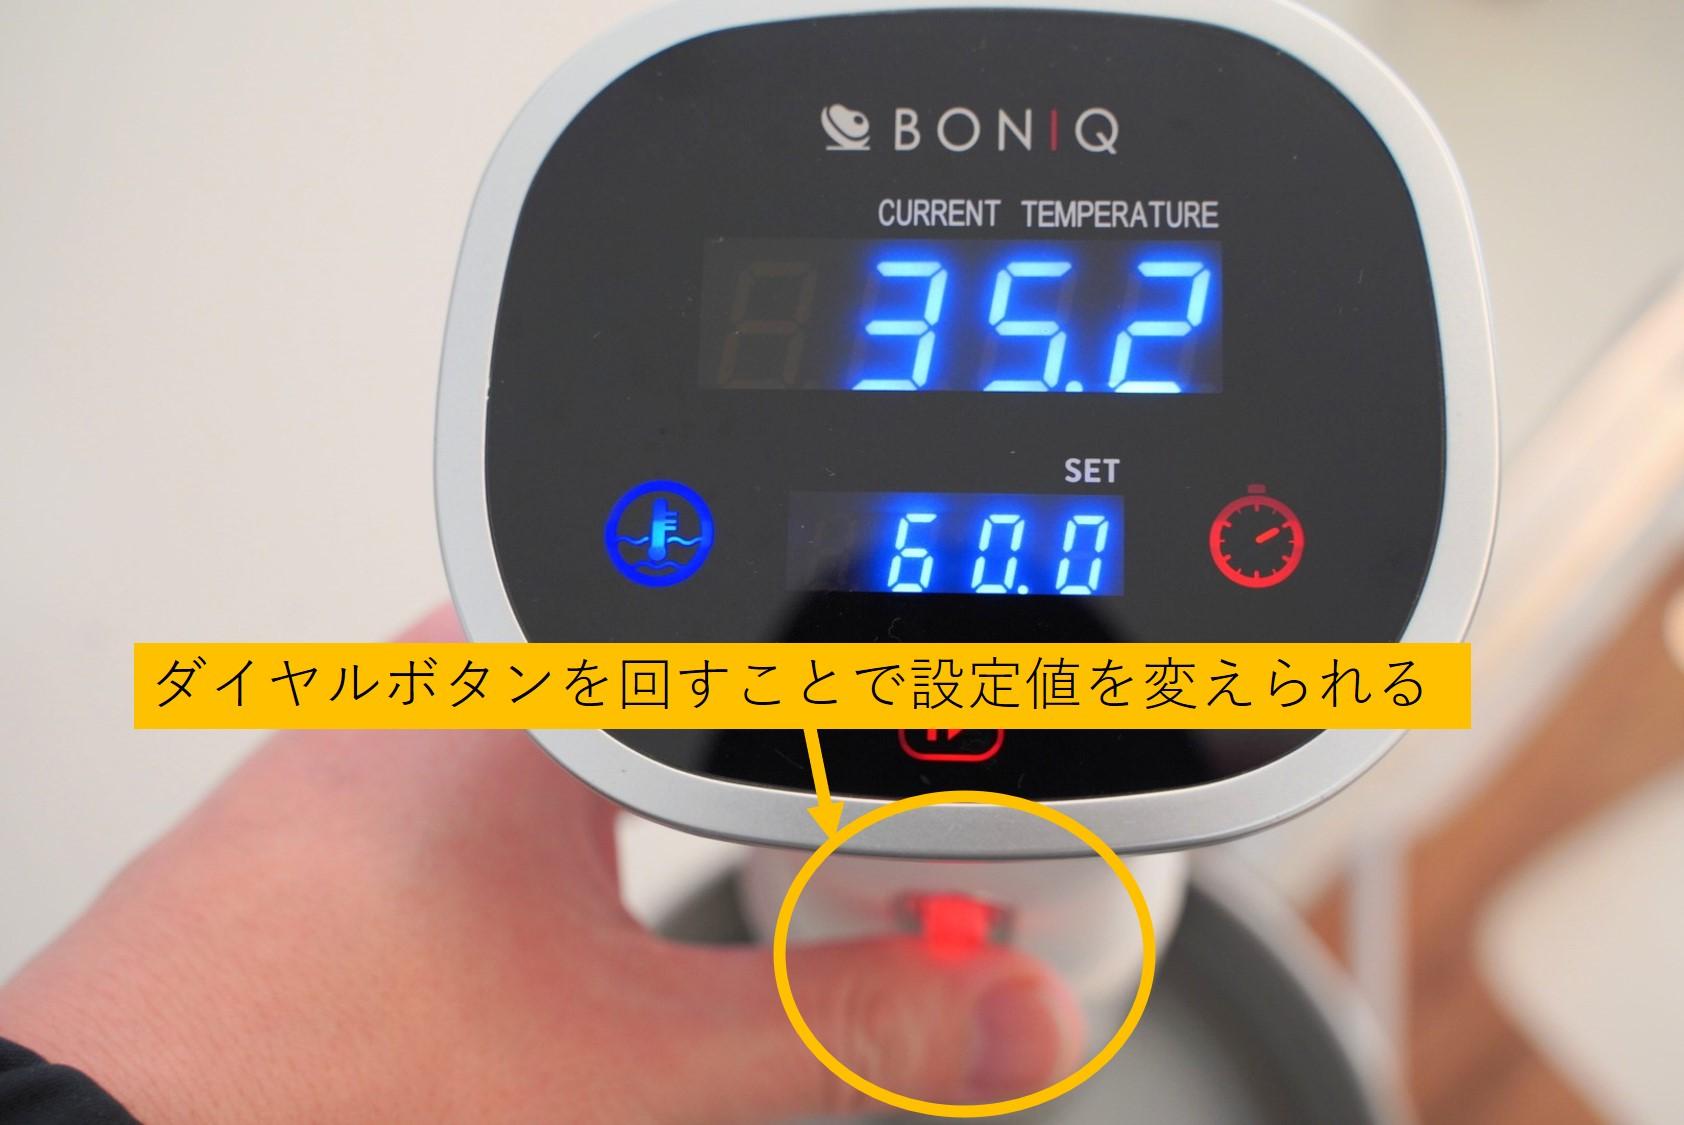 ボニークの設定温度を変える